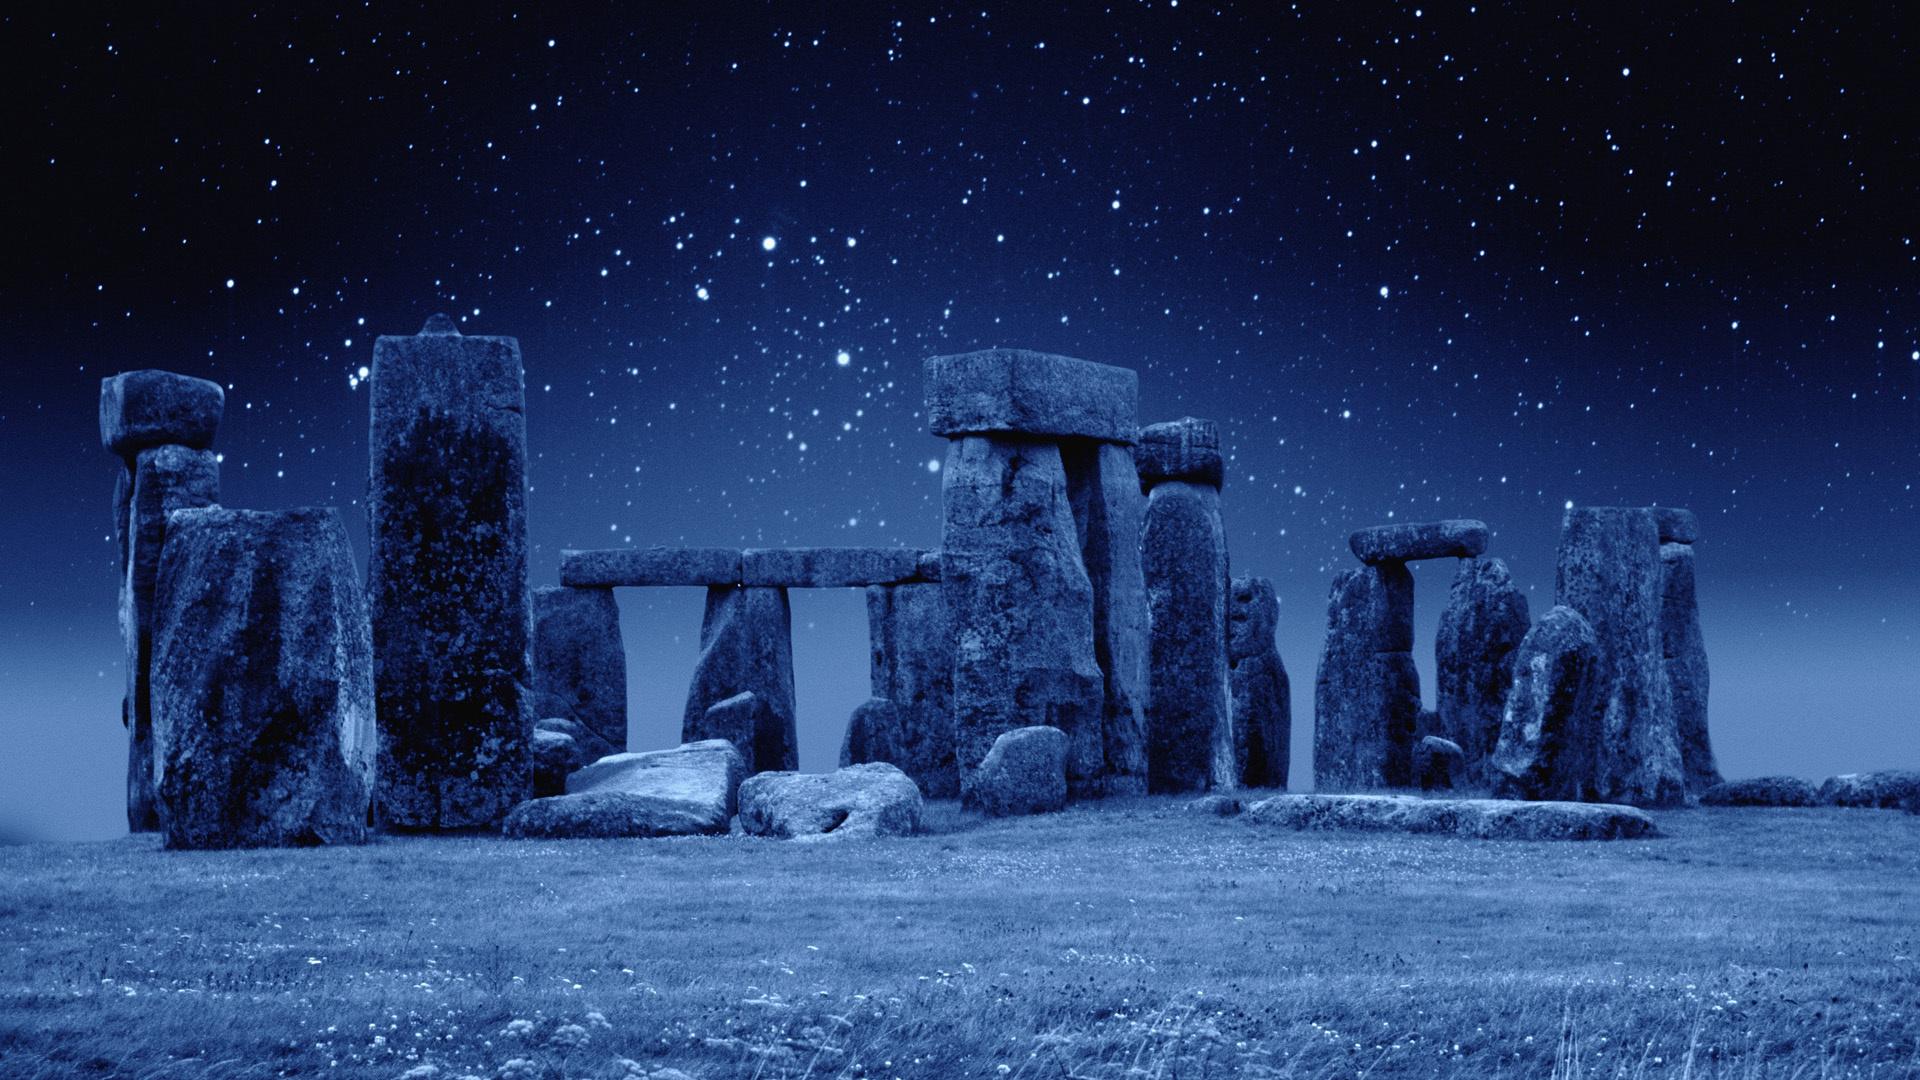 Download Stonehenge wallpaper (1920x1080)